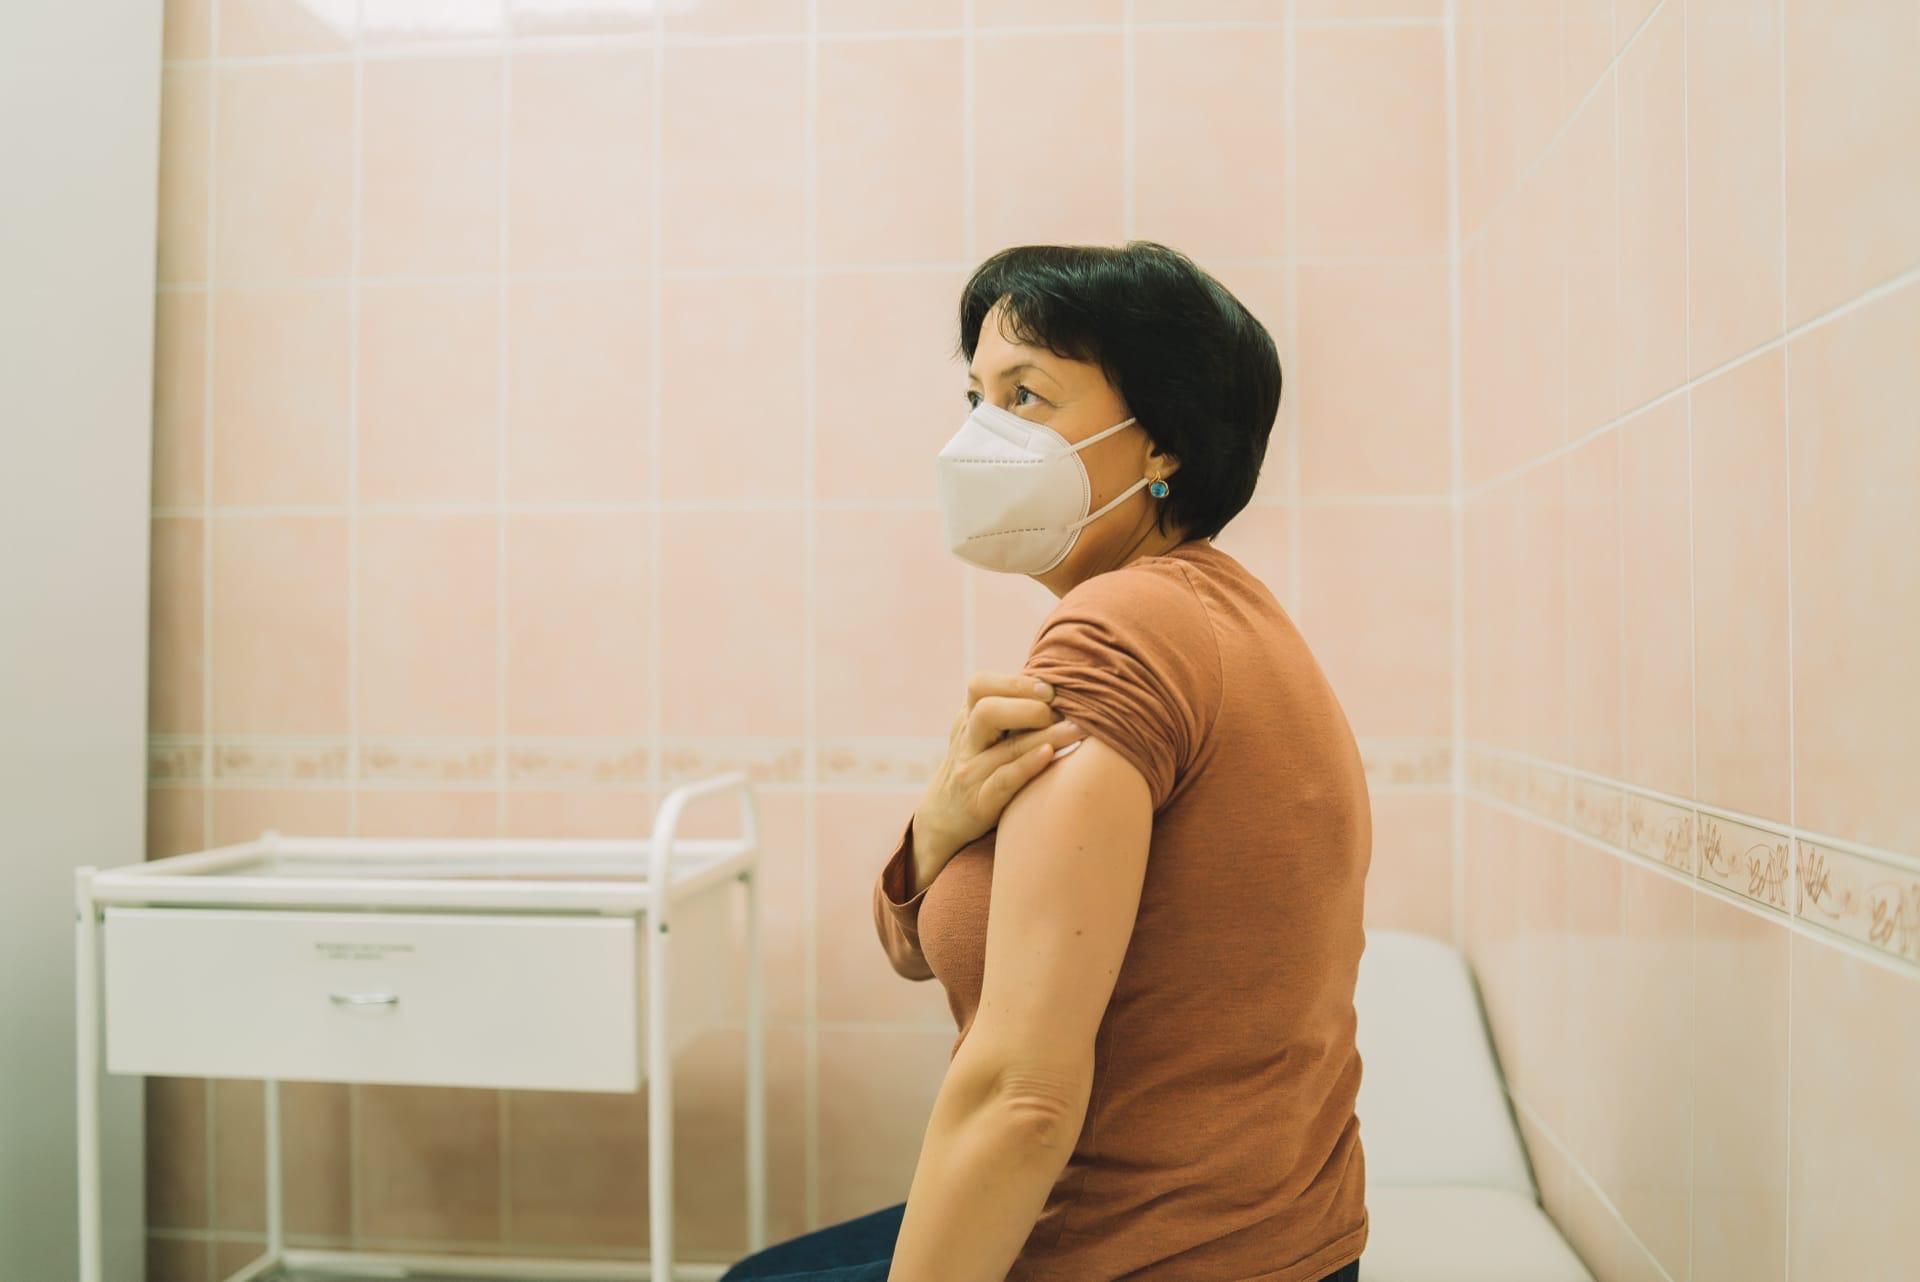 Жители других районов съезжаются в Чепецк, чтобы сделать прививку от коронавируса